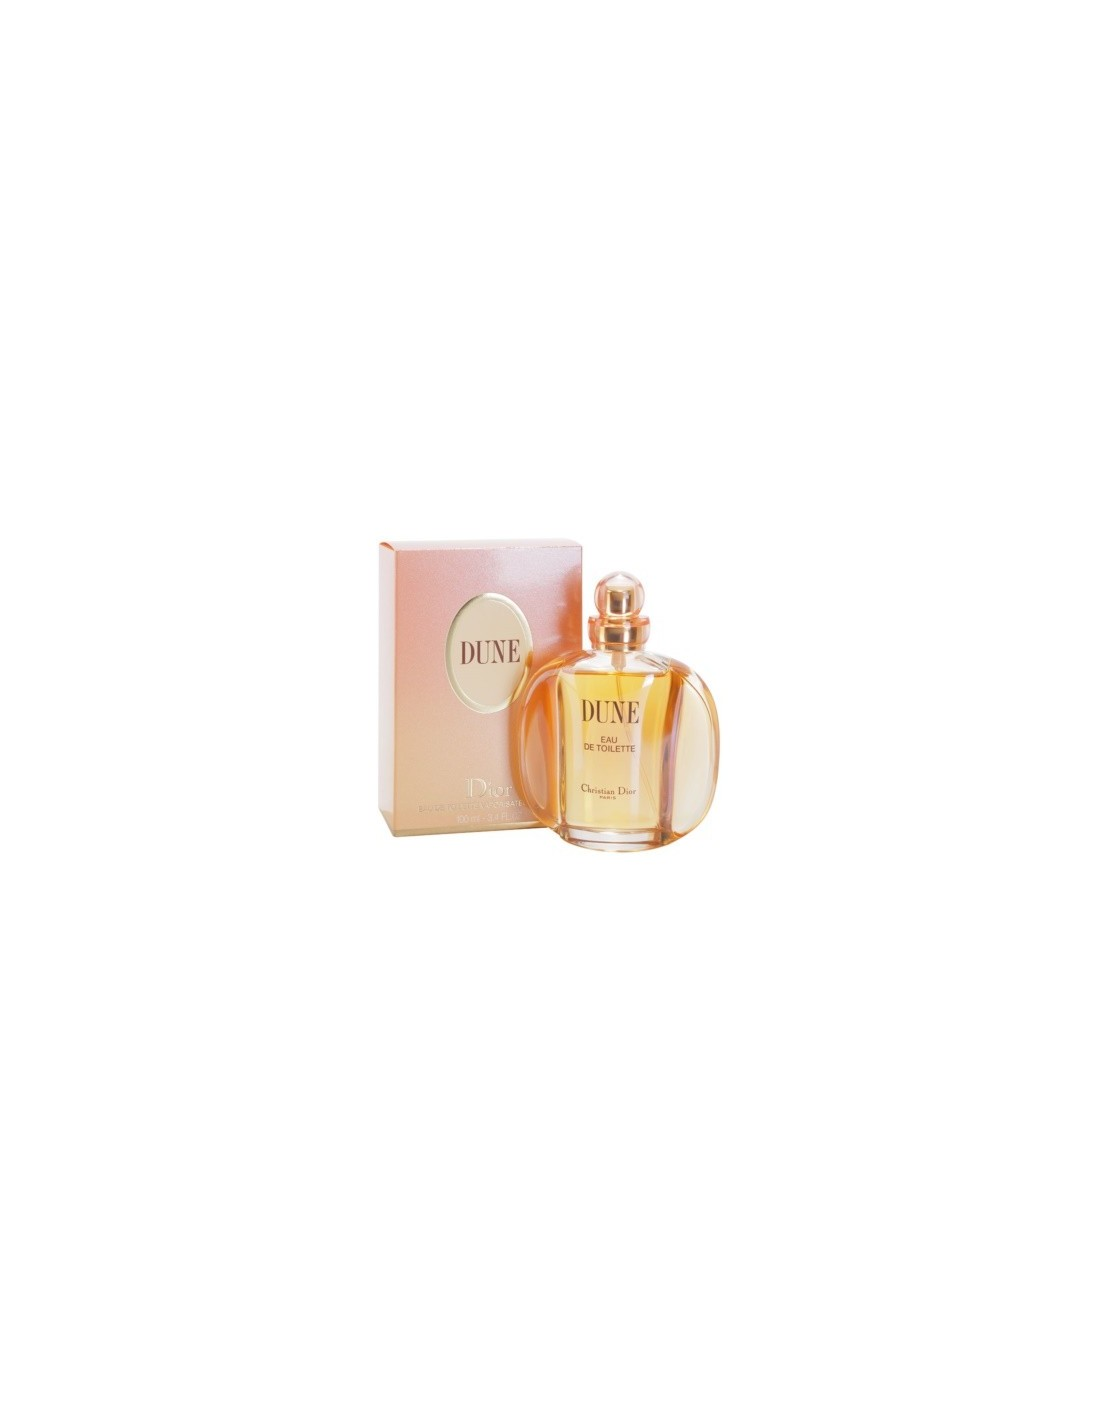 401433f5710522 Christian Dior Dune Pour Femme Eau de toilette 50 ml Spray - Azzurra ...